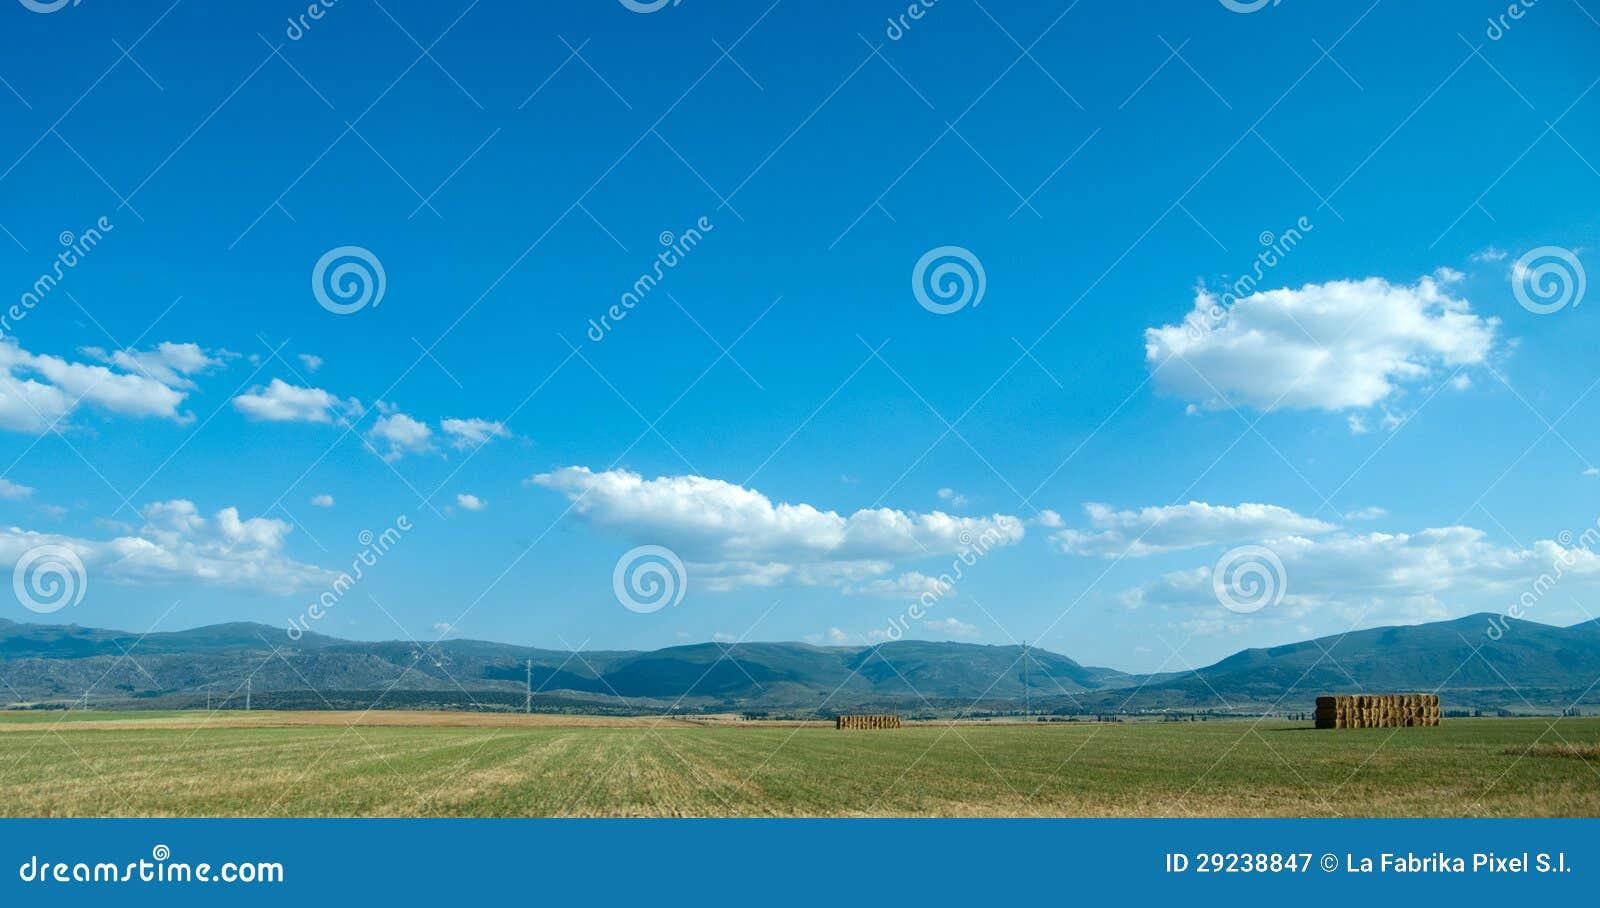 Download Agricultura imagem de stock. Imagem de paisagem, campo - 29238847